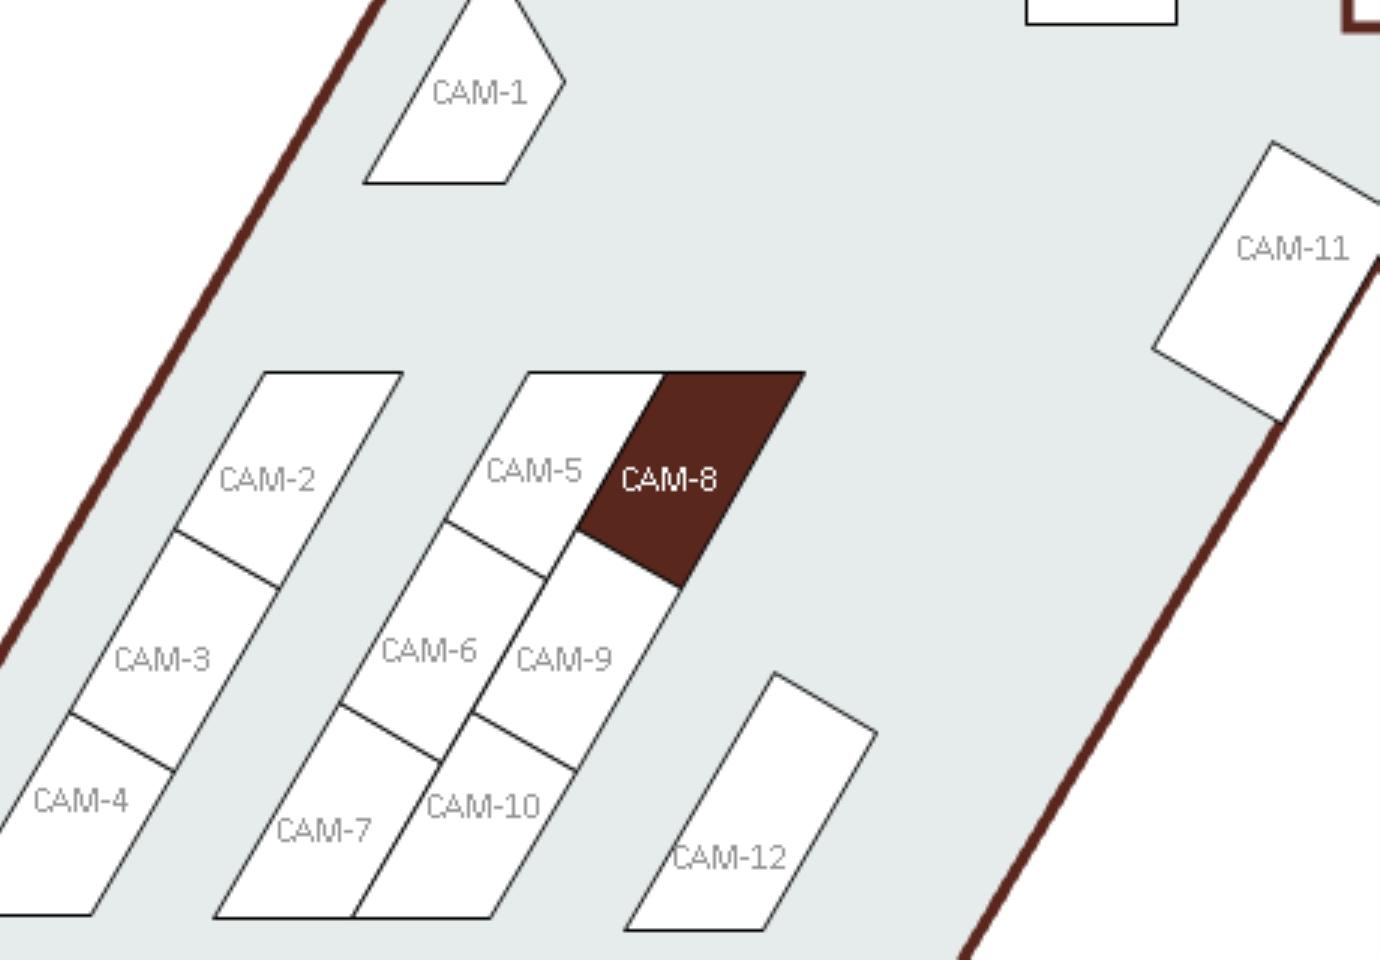 FOYWEST / CAM-8